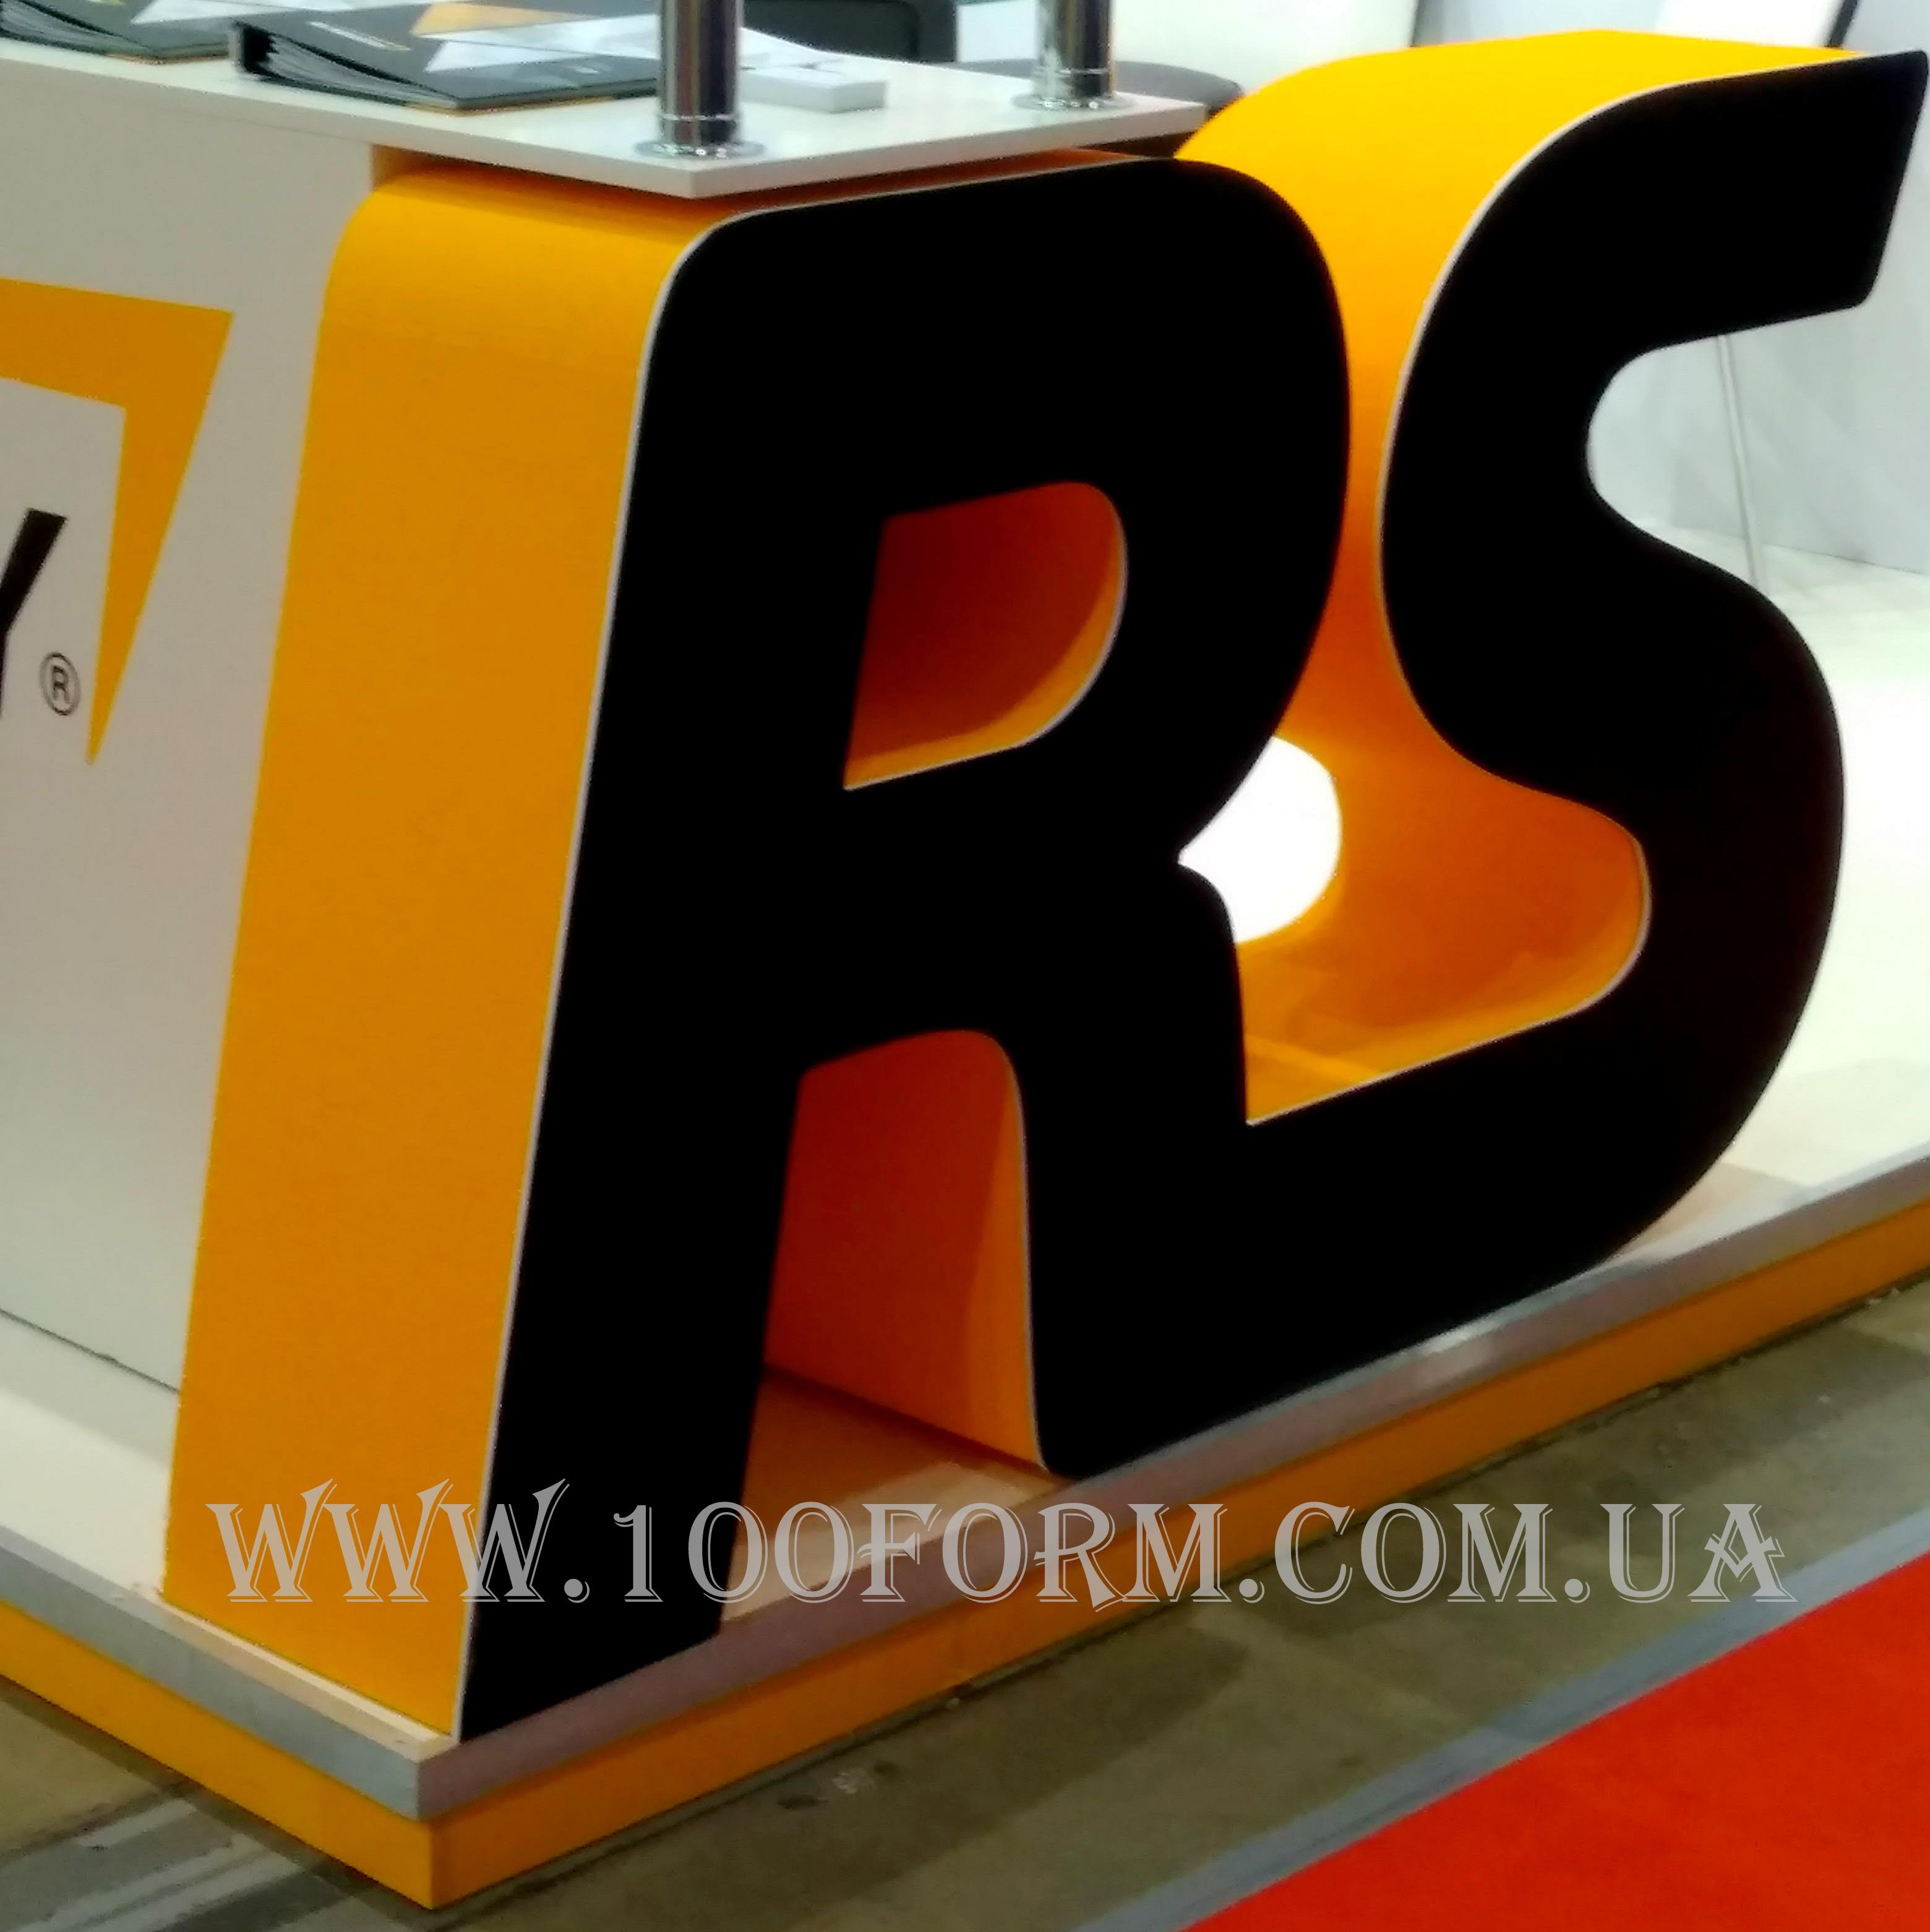 Логотип из пенопласта для выставки